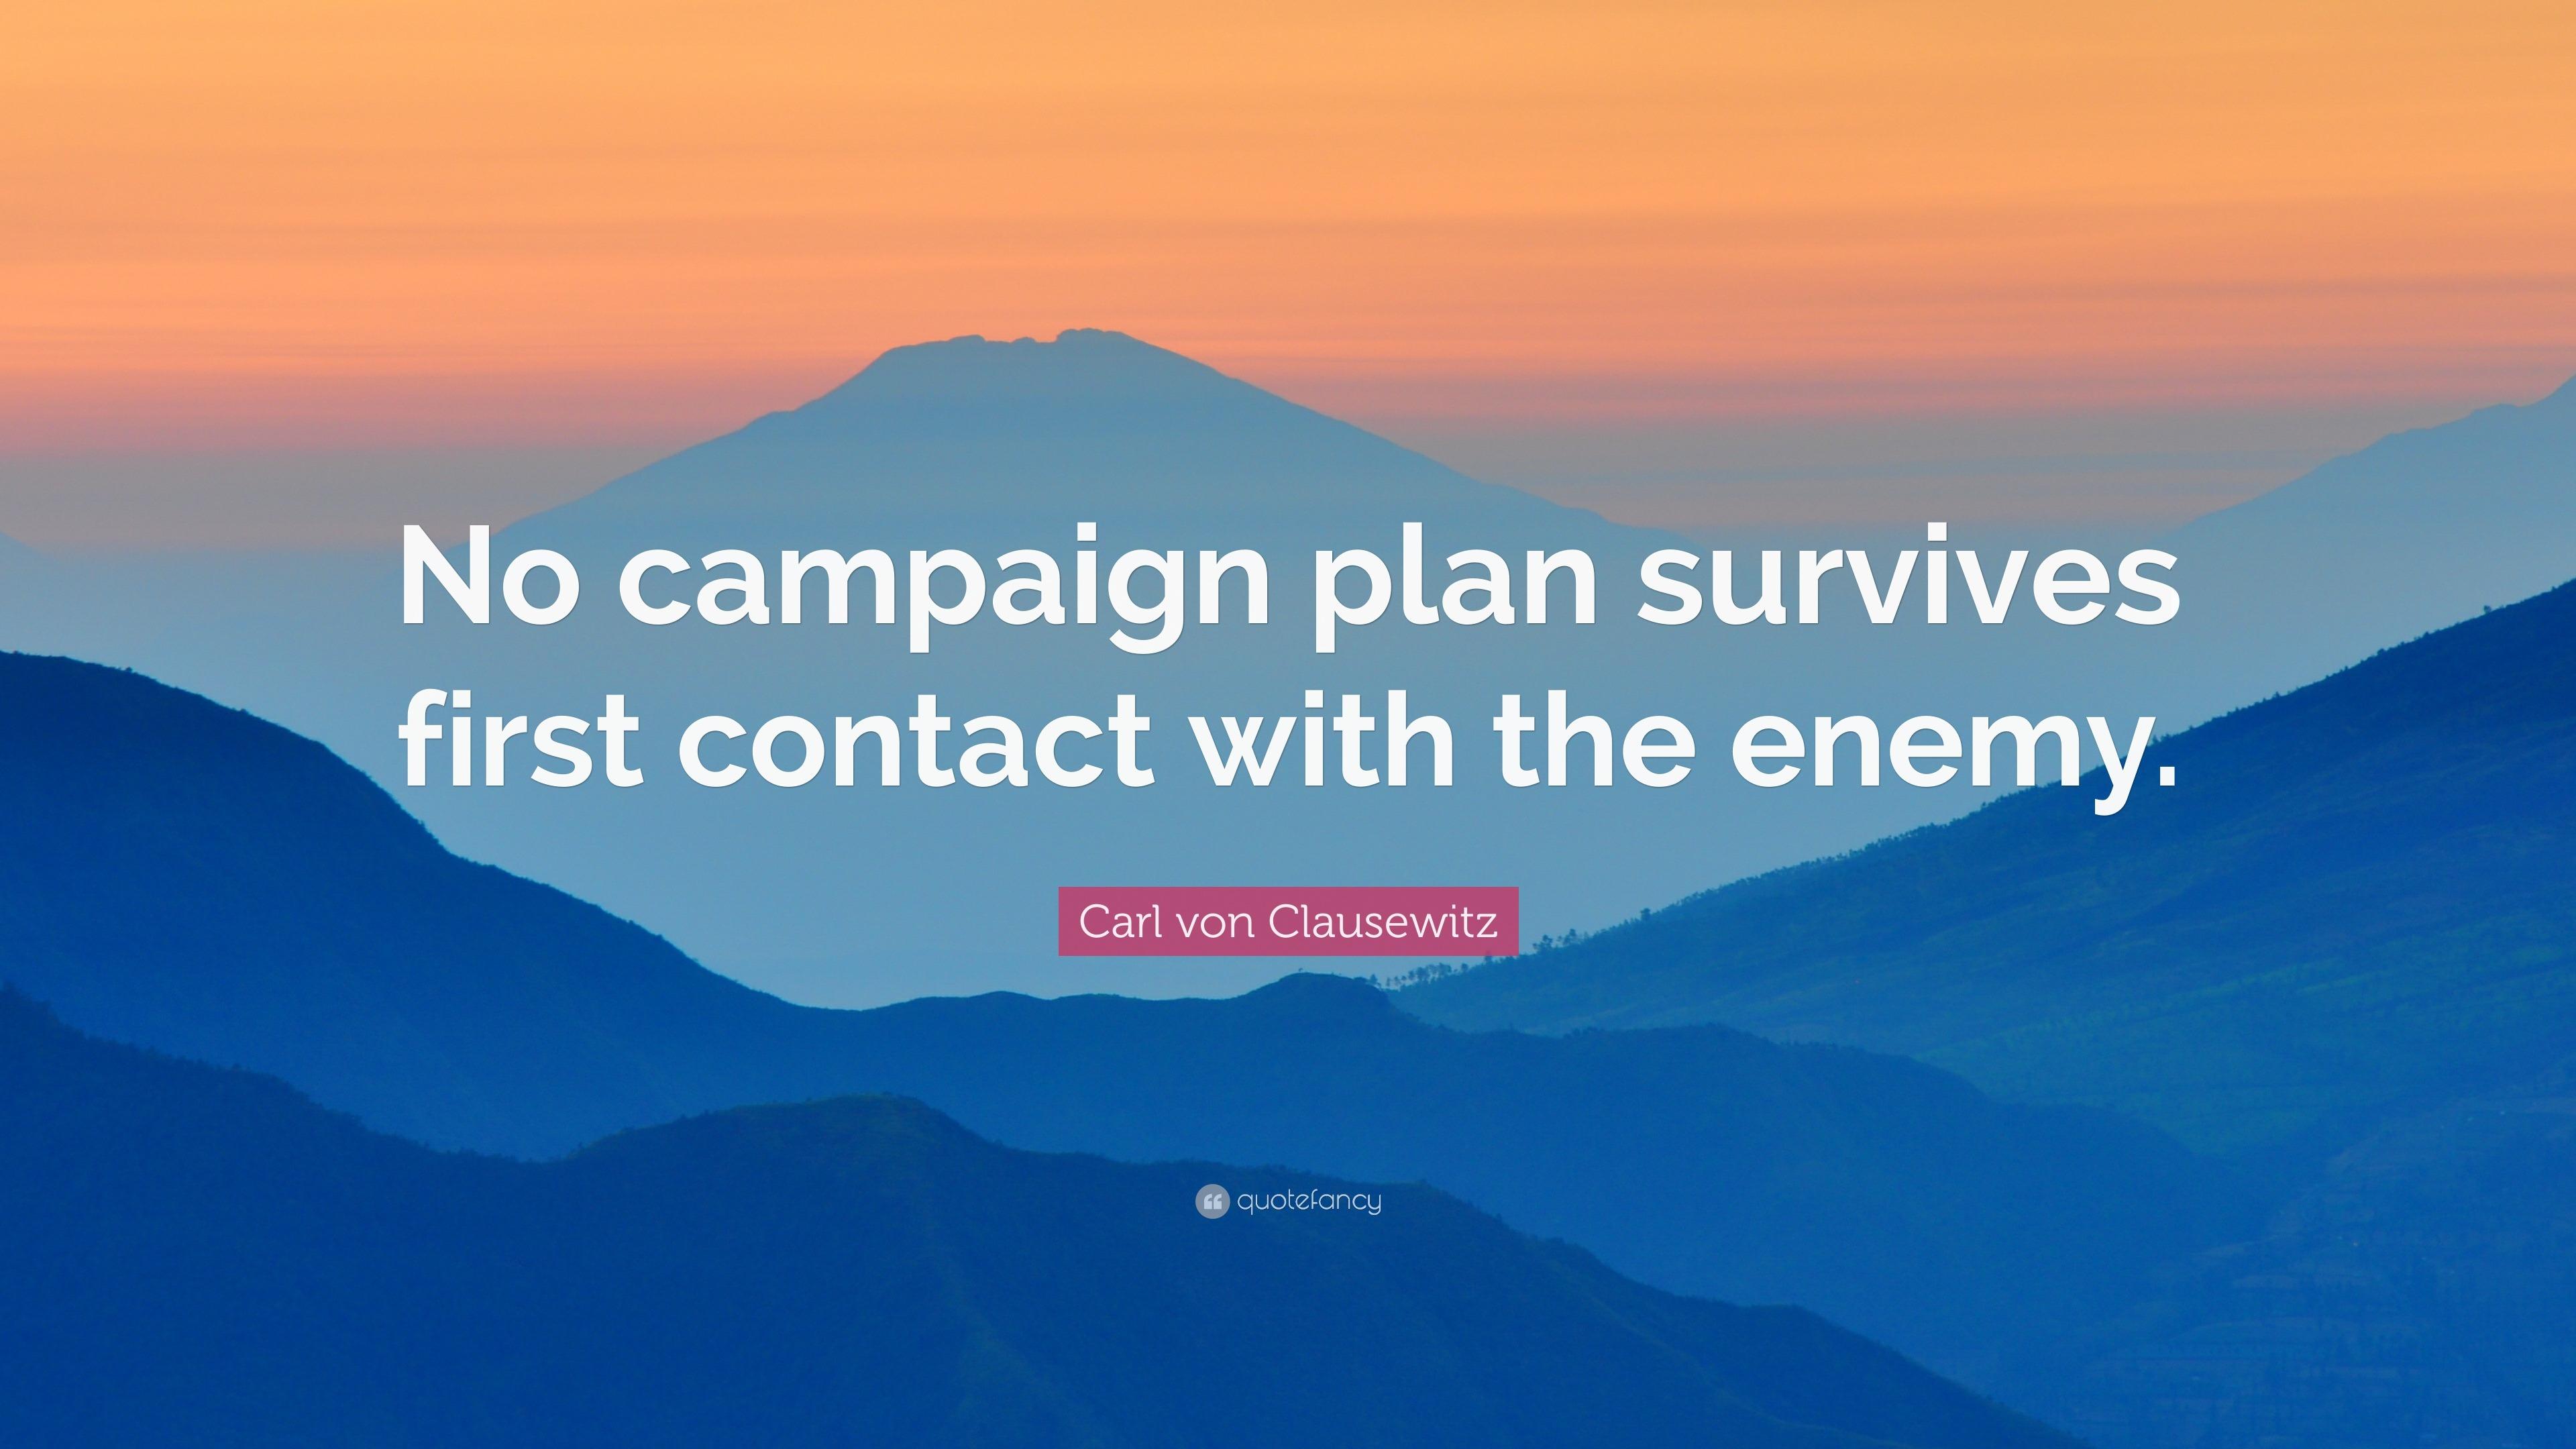 carl von clausewitz quote �no campaign plan survives